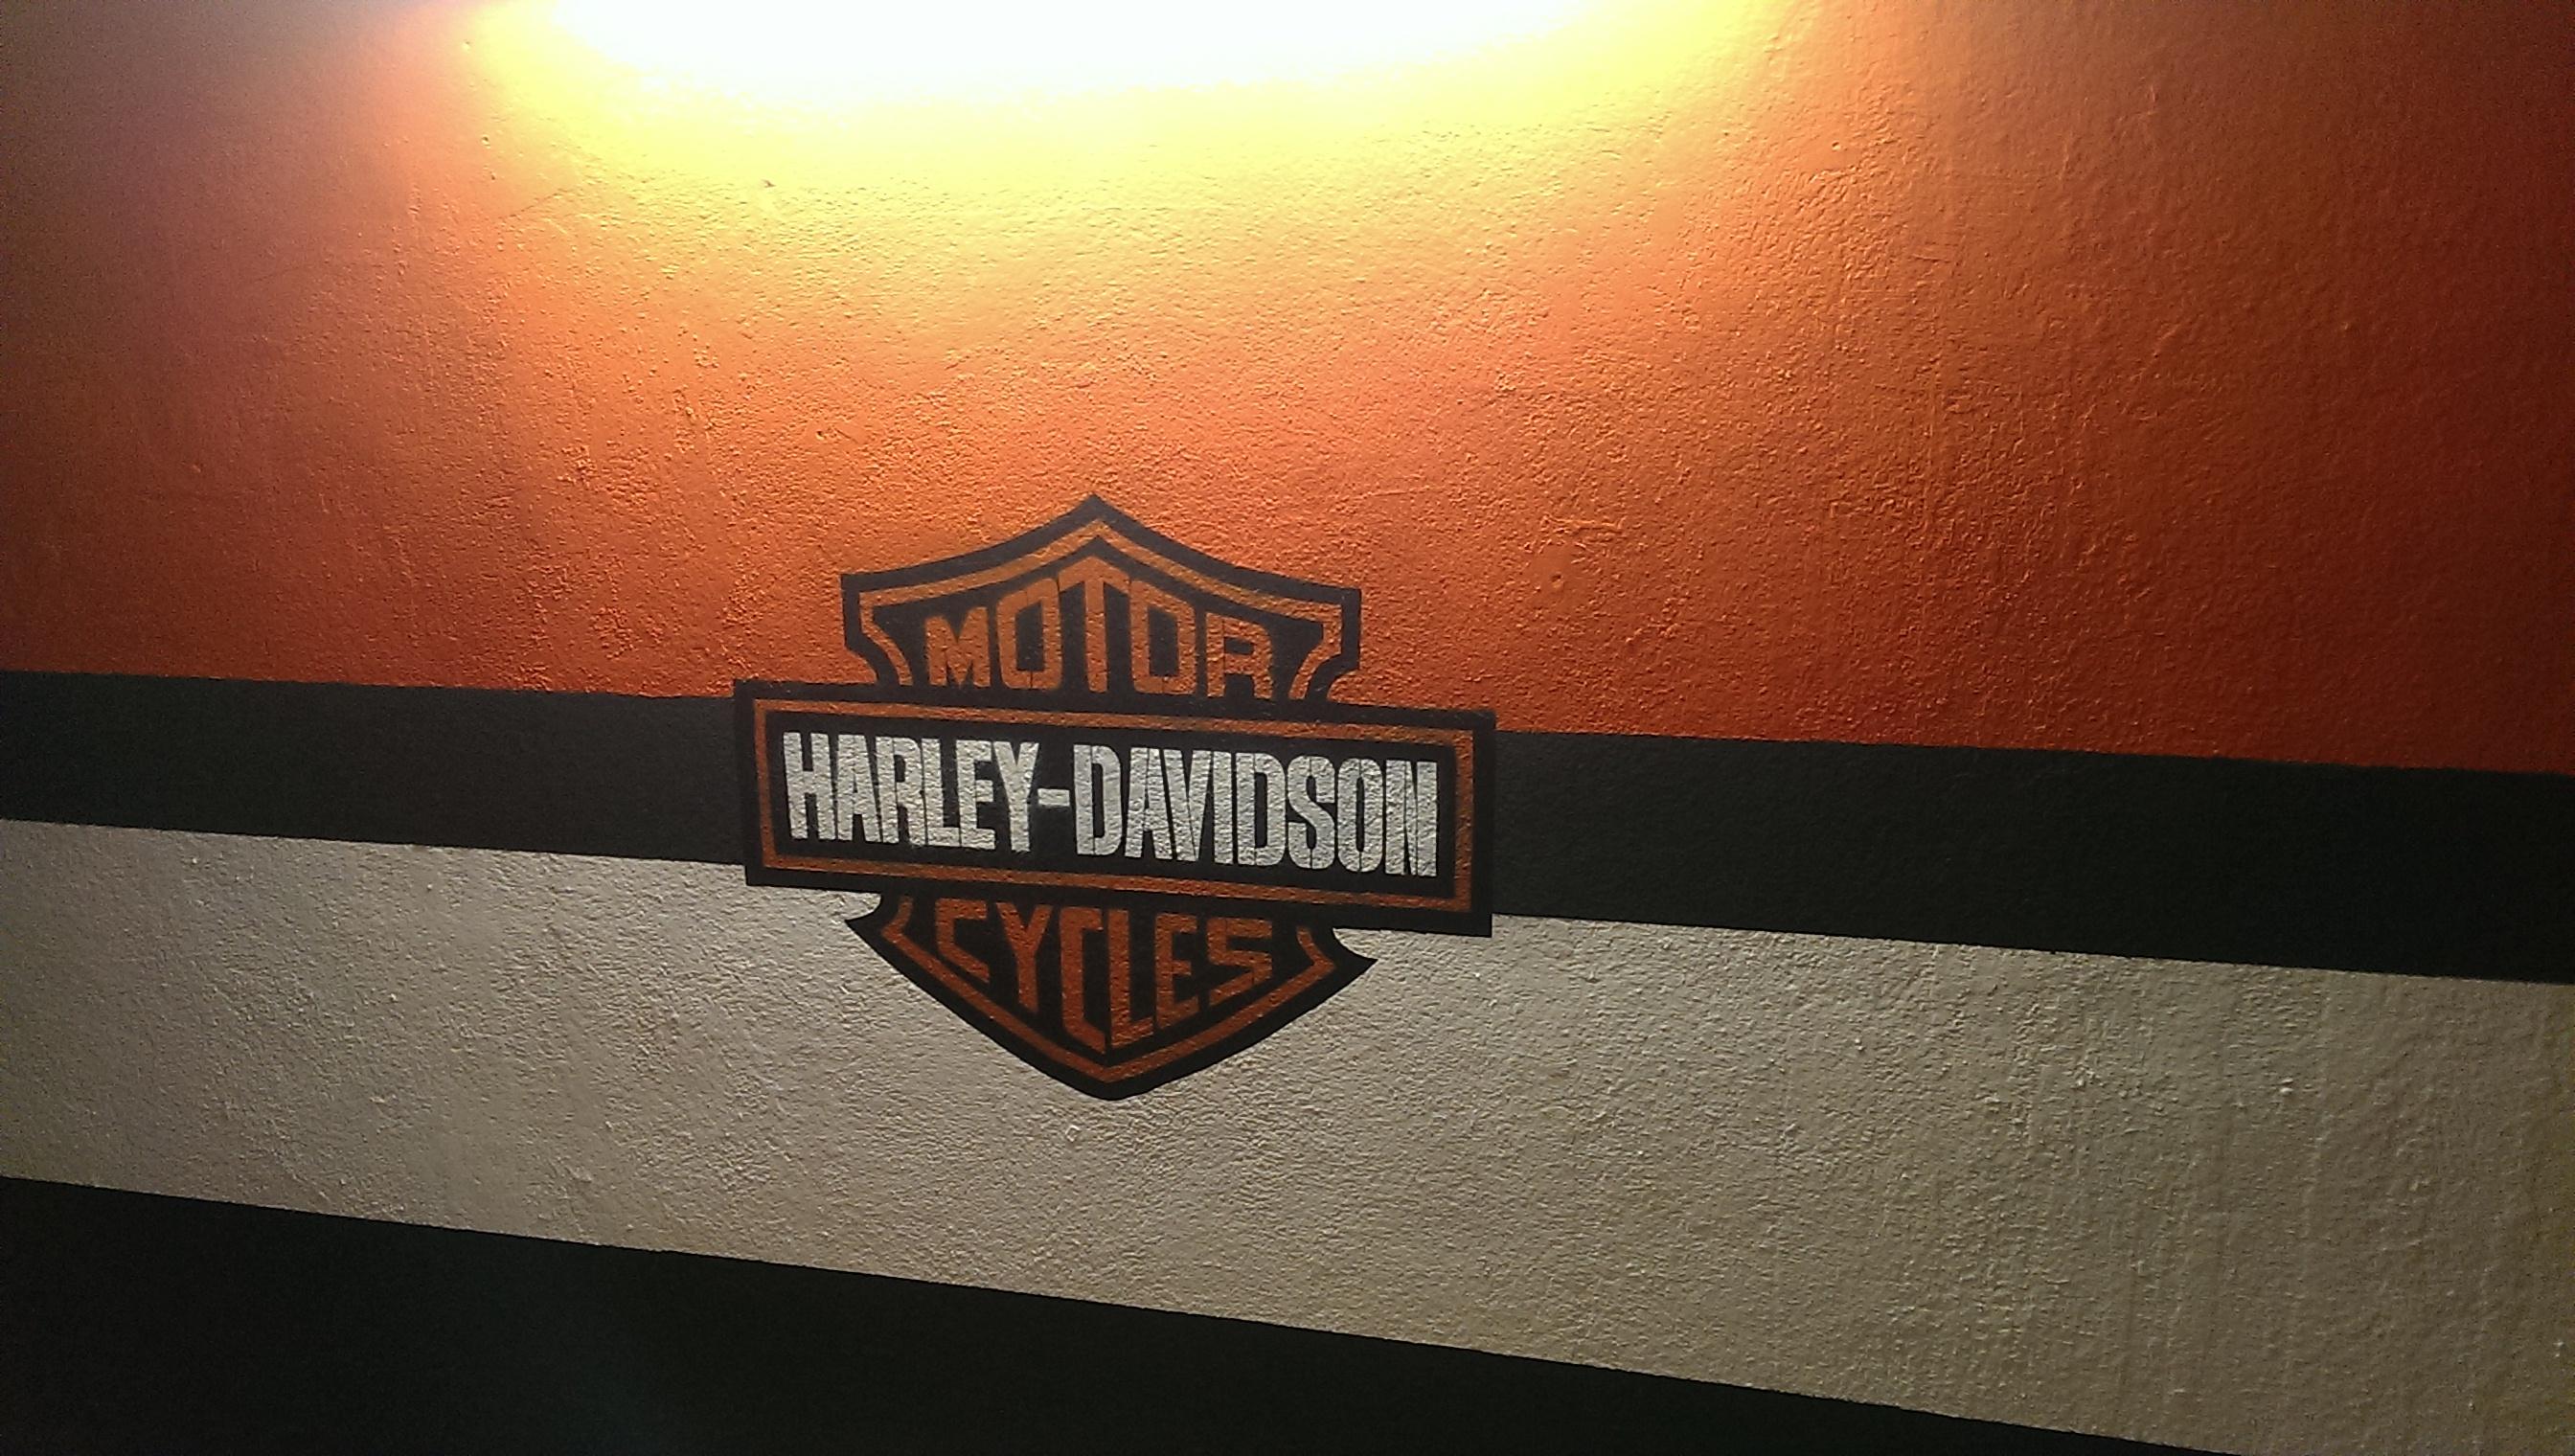 Harley davidson graffiti logo